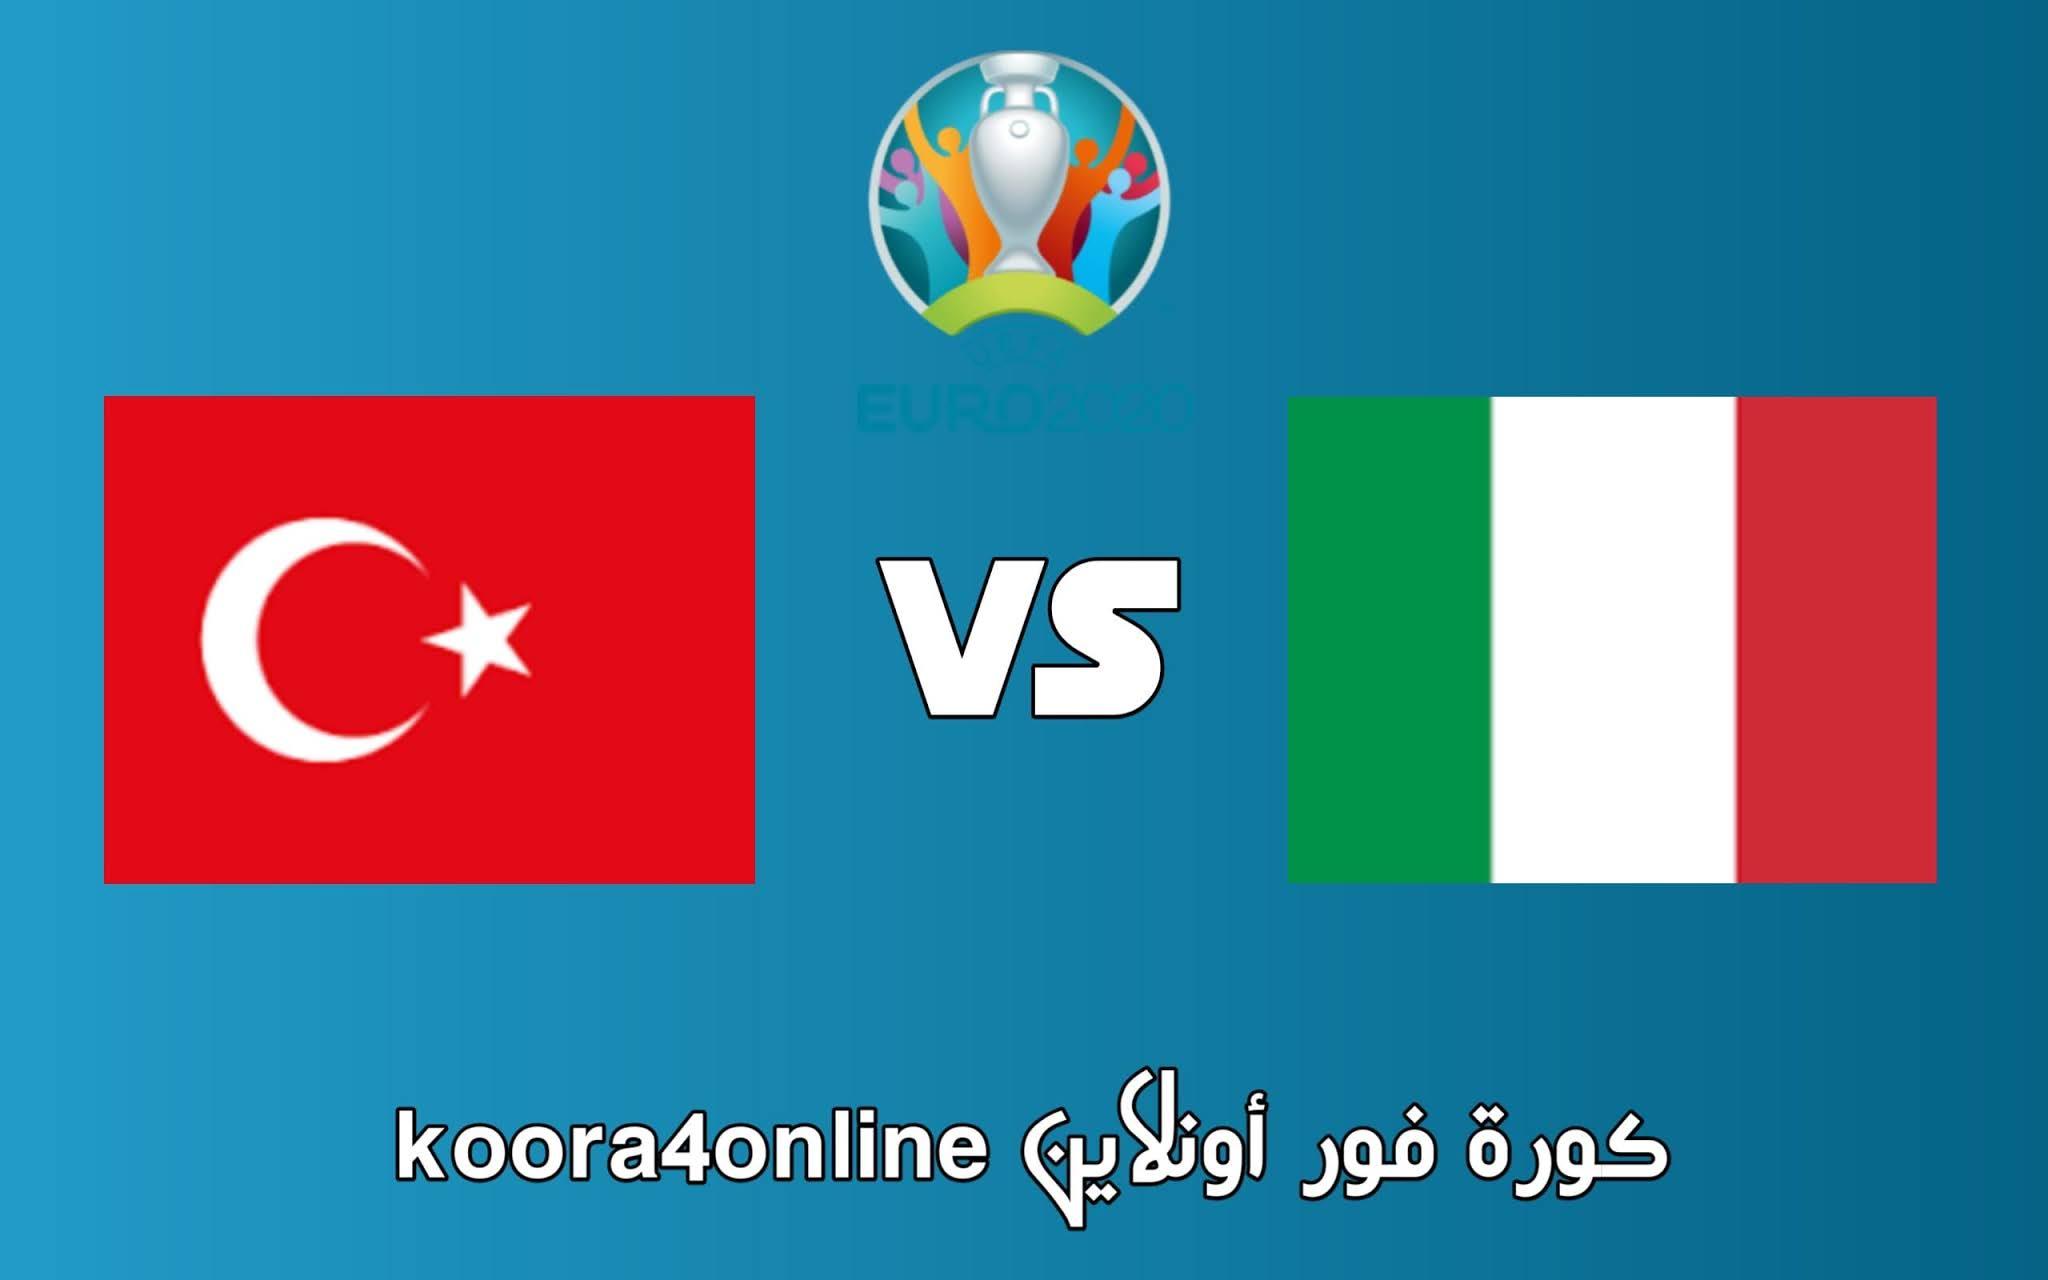 مشاهدة مباراة تركيا و إيطاليا اليوم 11-06-2021 في كأس أمم أوروبا